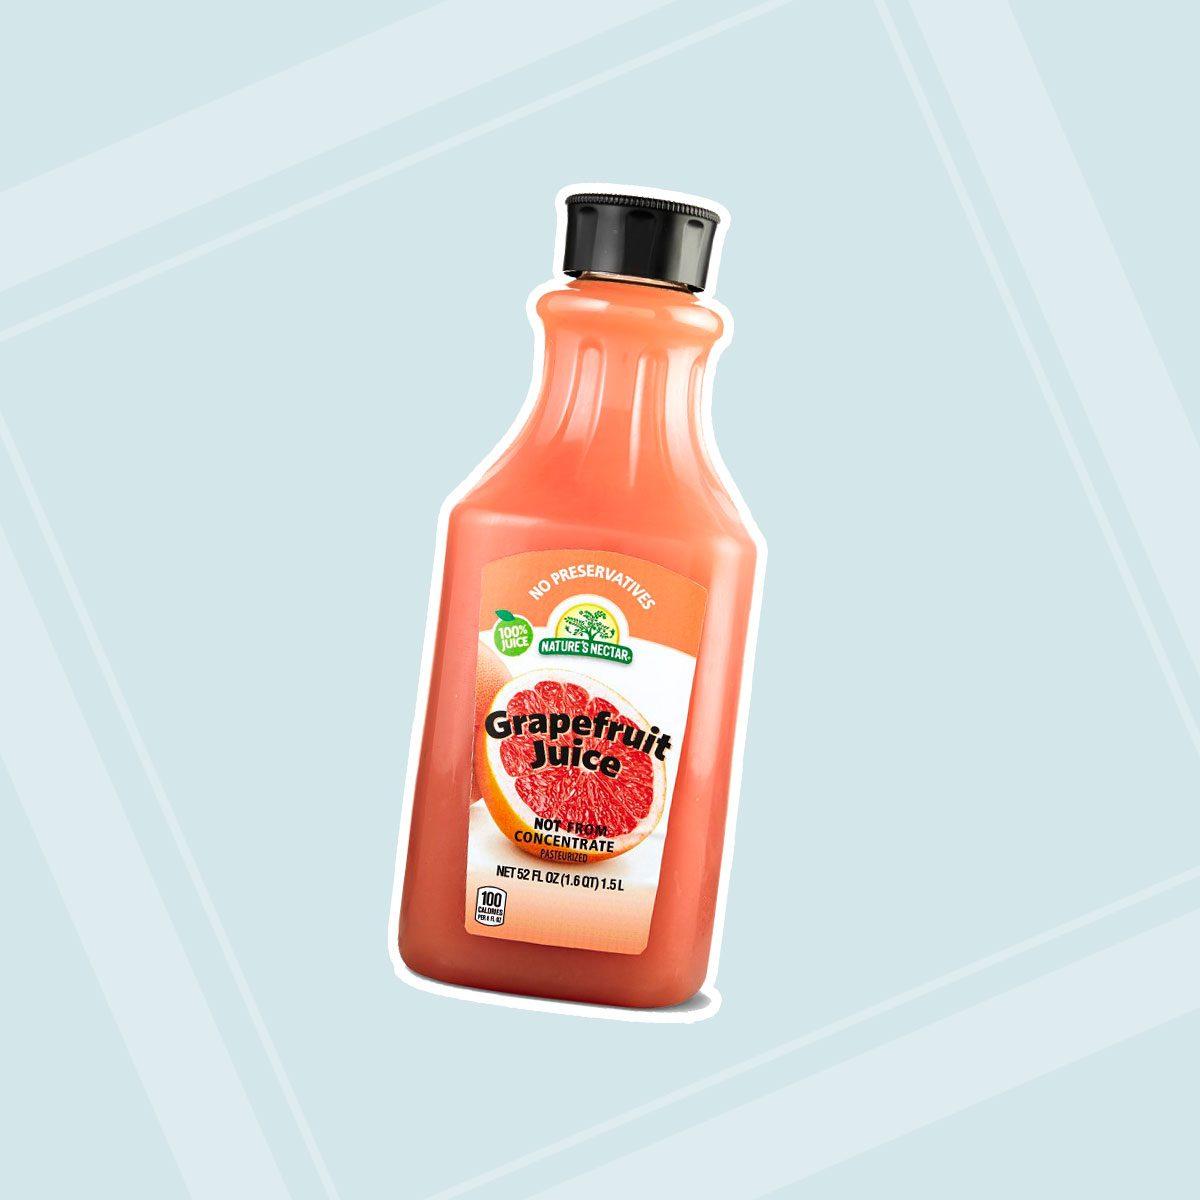 Grapefruit Juice